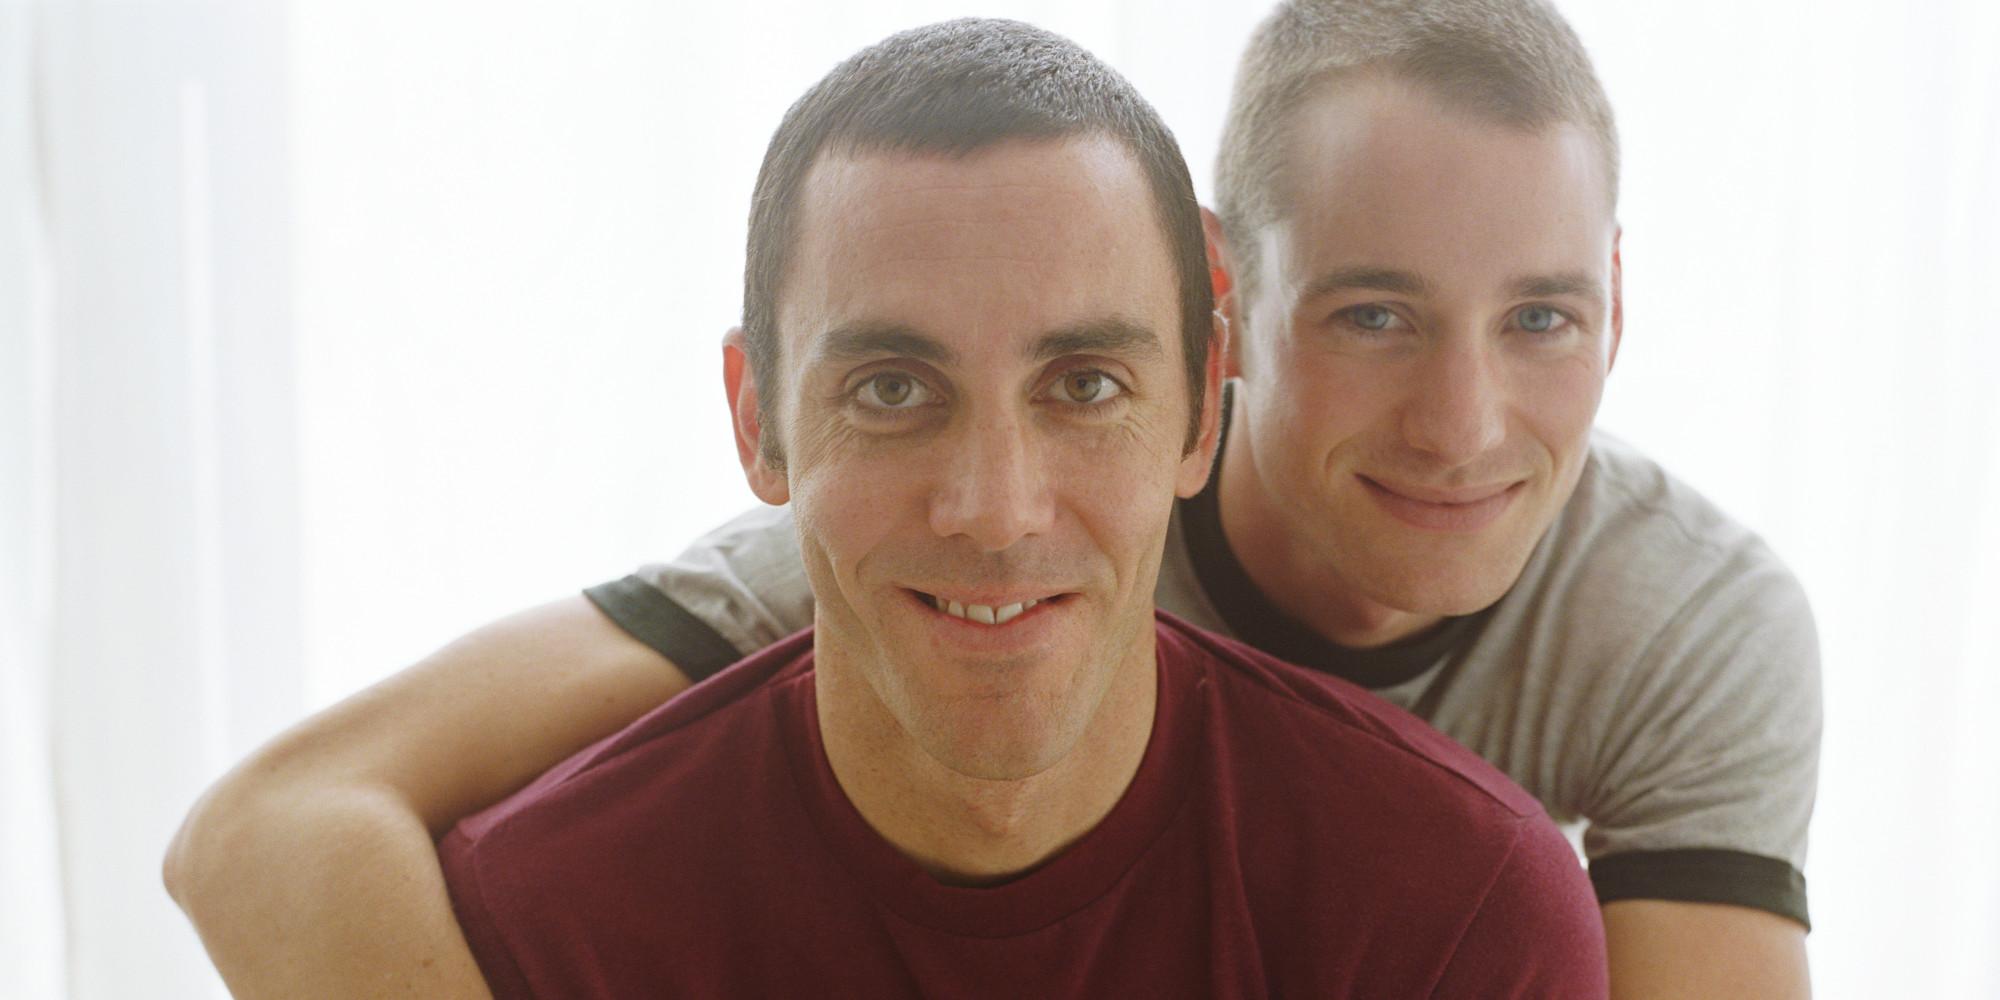 gay trimmed gay friend